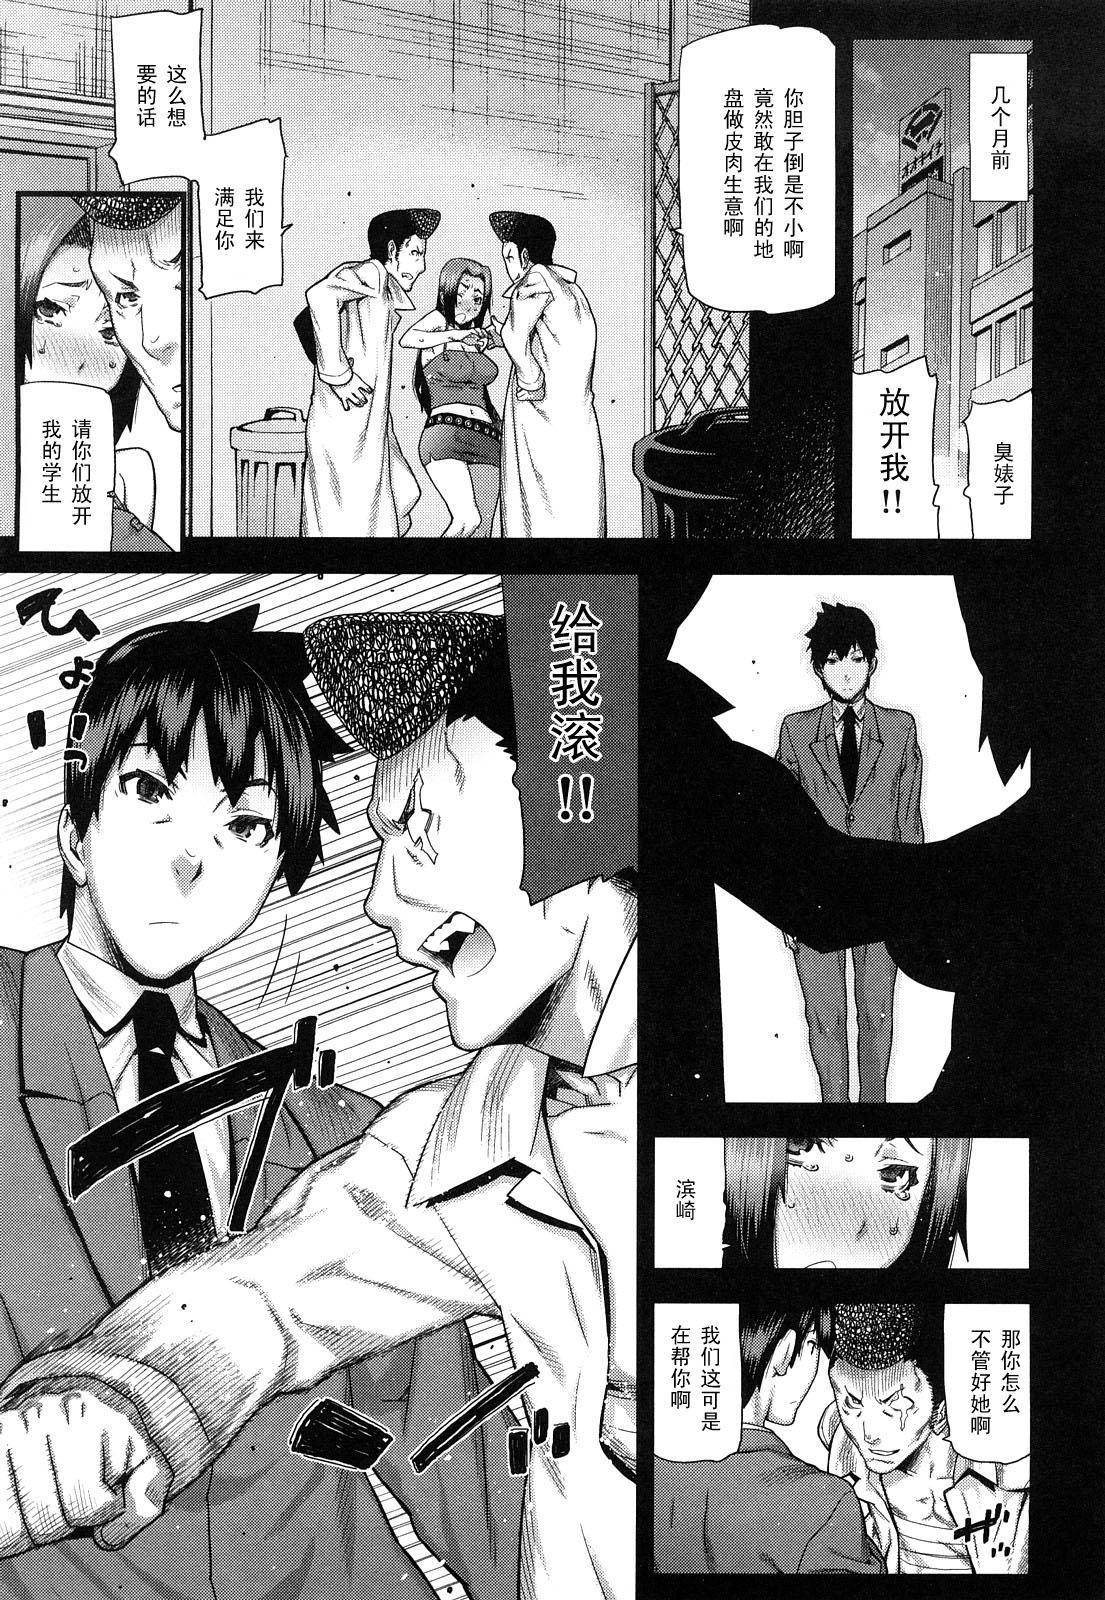 Akaneiro no Yuuhi 2